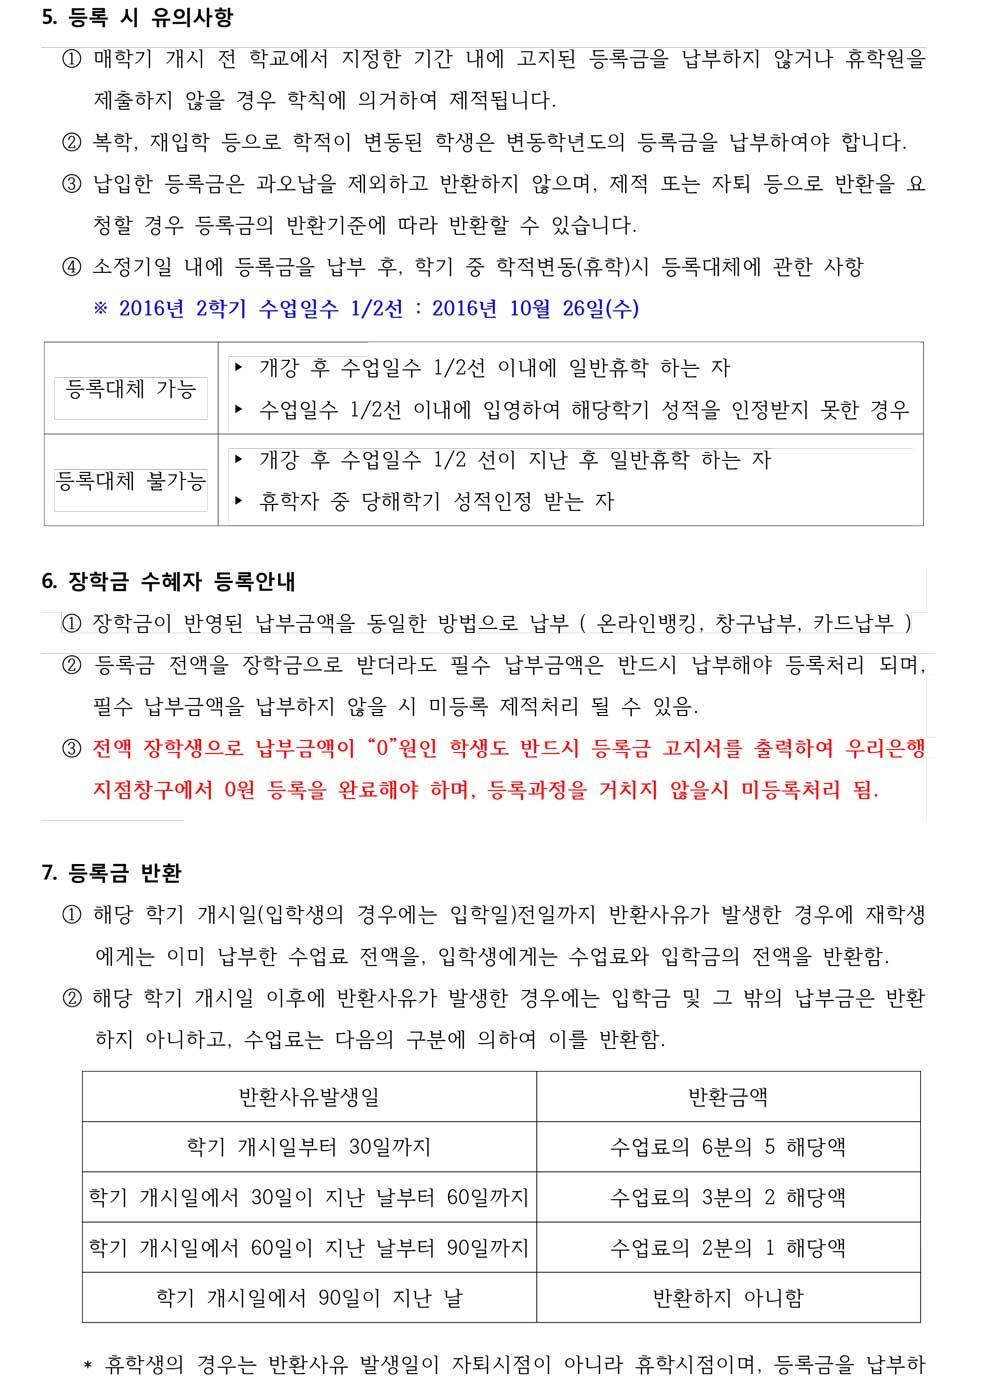 붙임1_2016학년도+2학기+등록금납부+안내-2.jpg